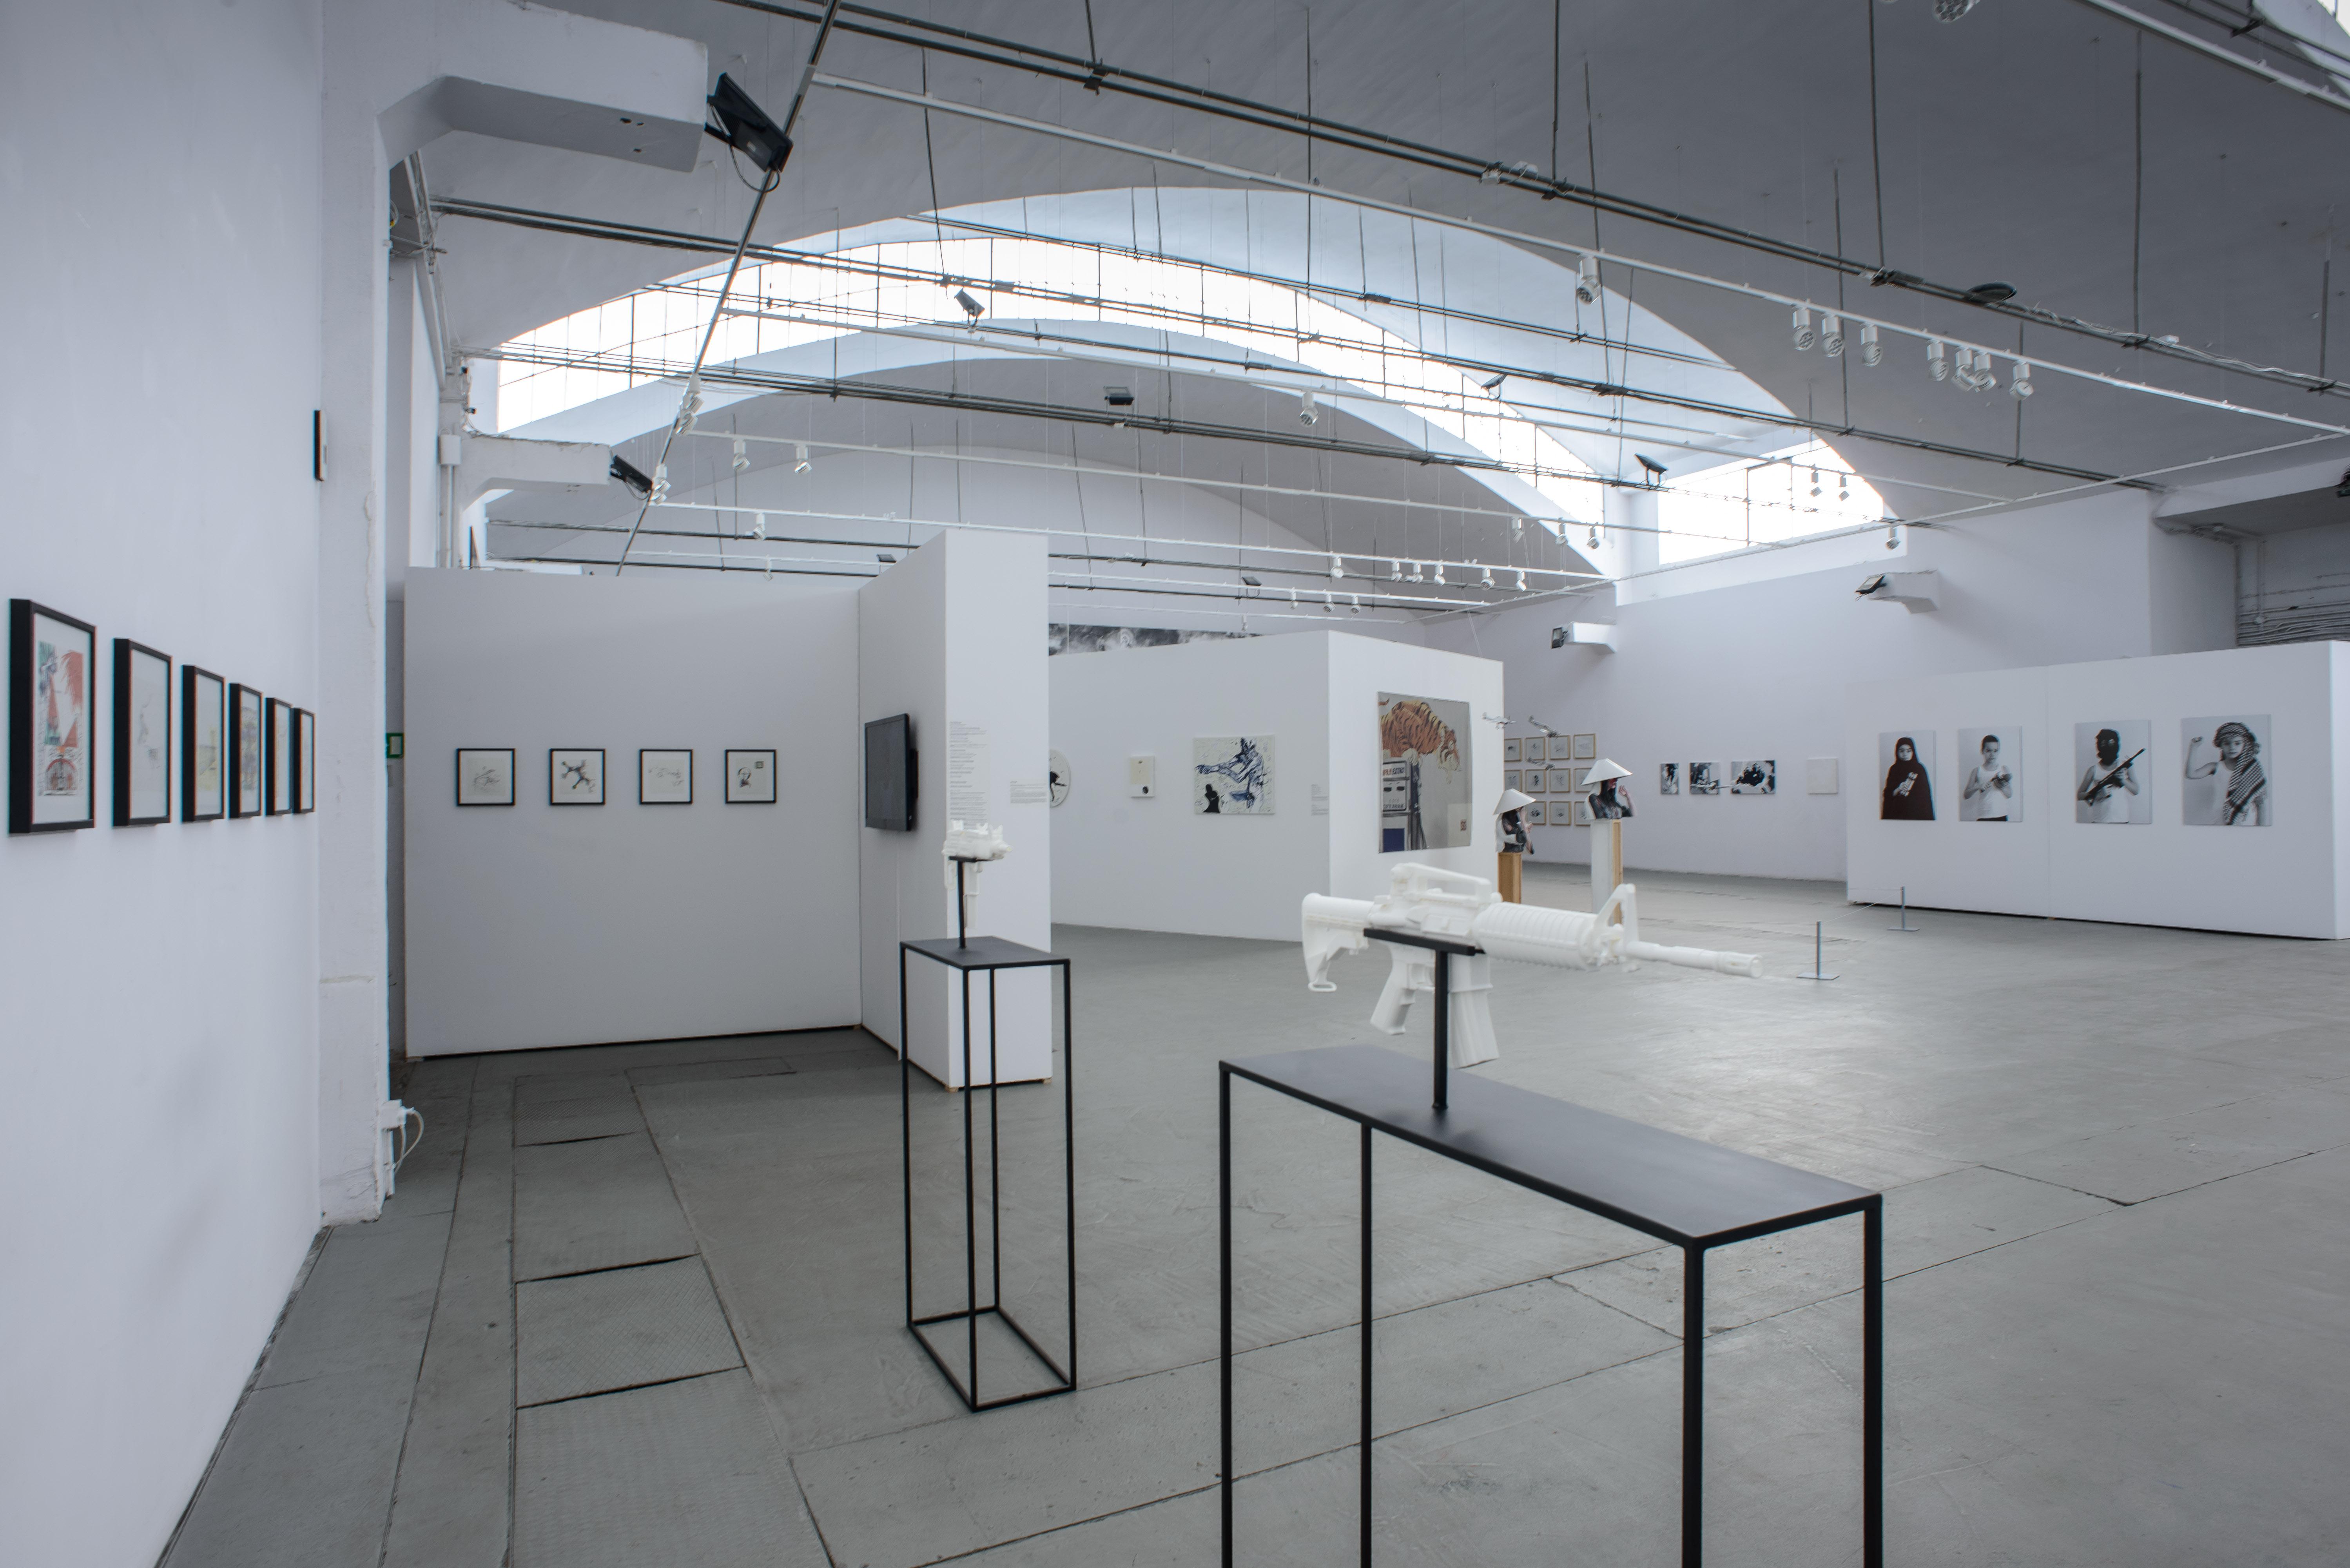 Na pierwszym planie: Joanna Rajkowska, obiekt zcyklu Painkillers, 2014